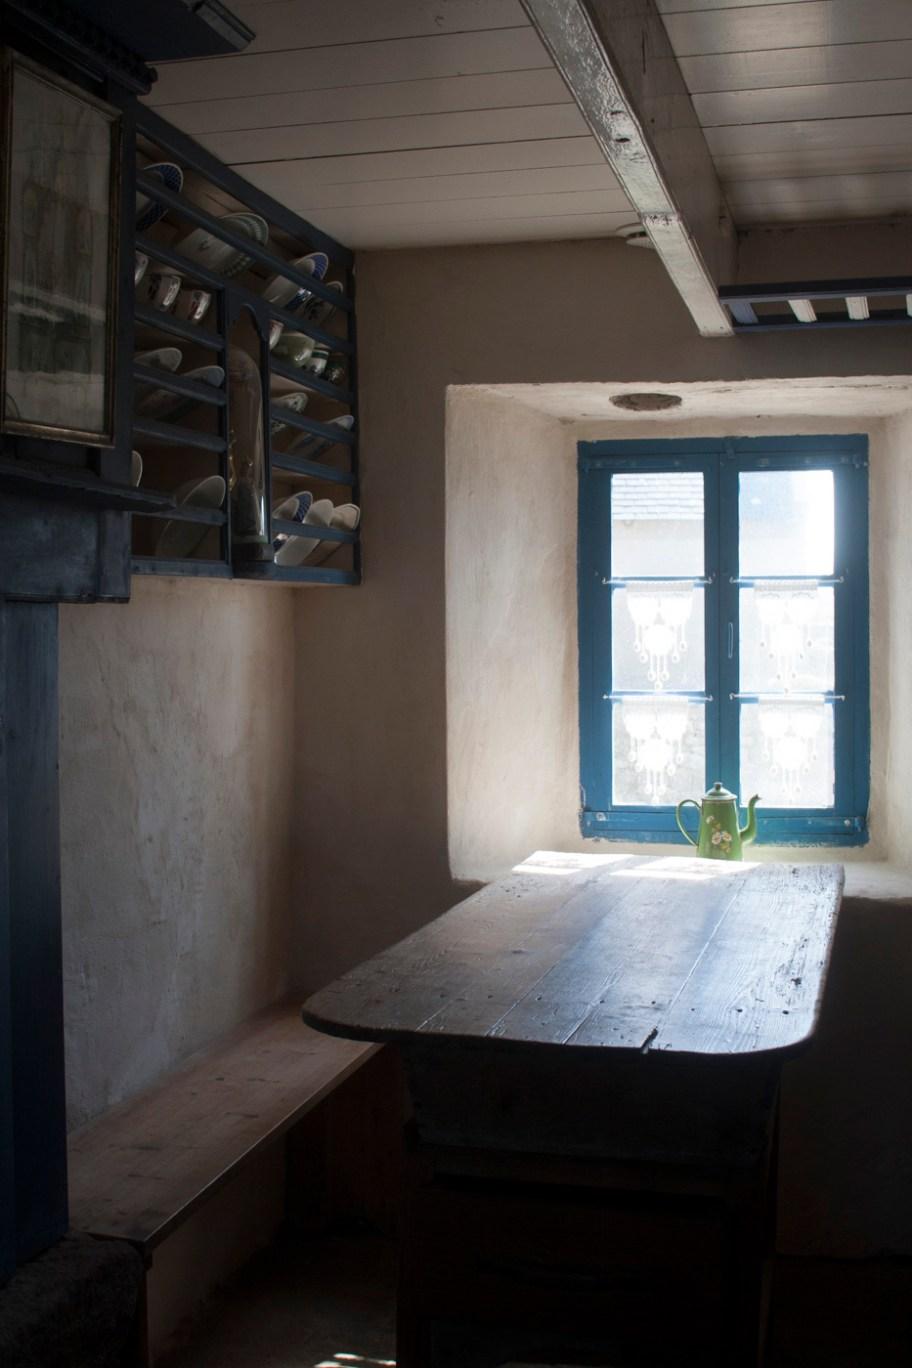 Maison traditionnelle ouessantine, aujourd'hui transformée en musée